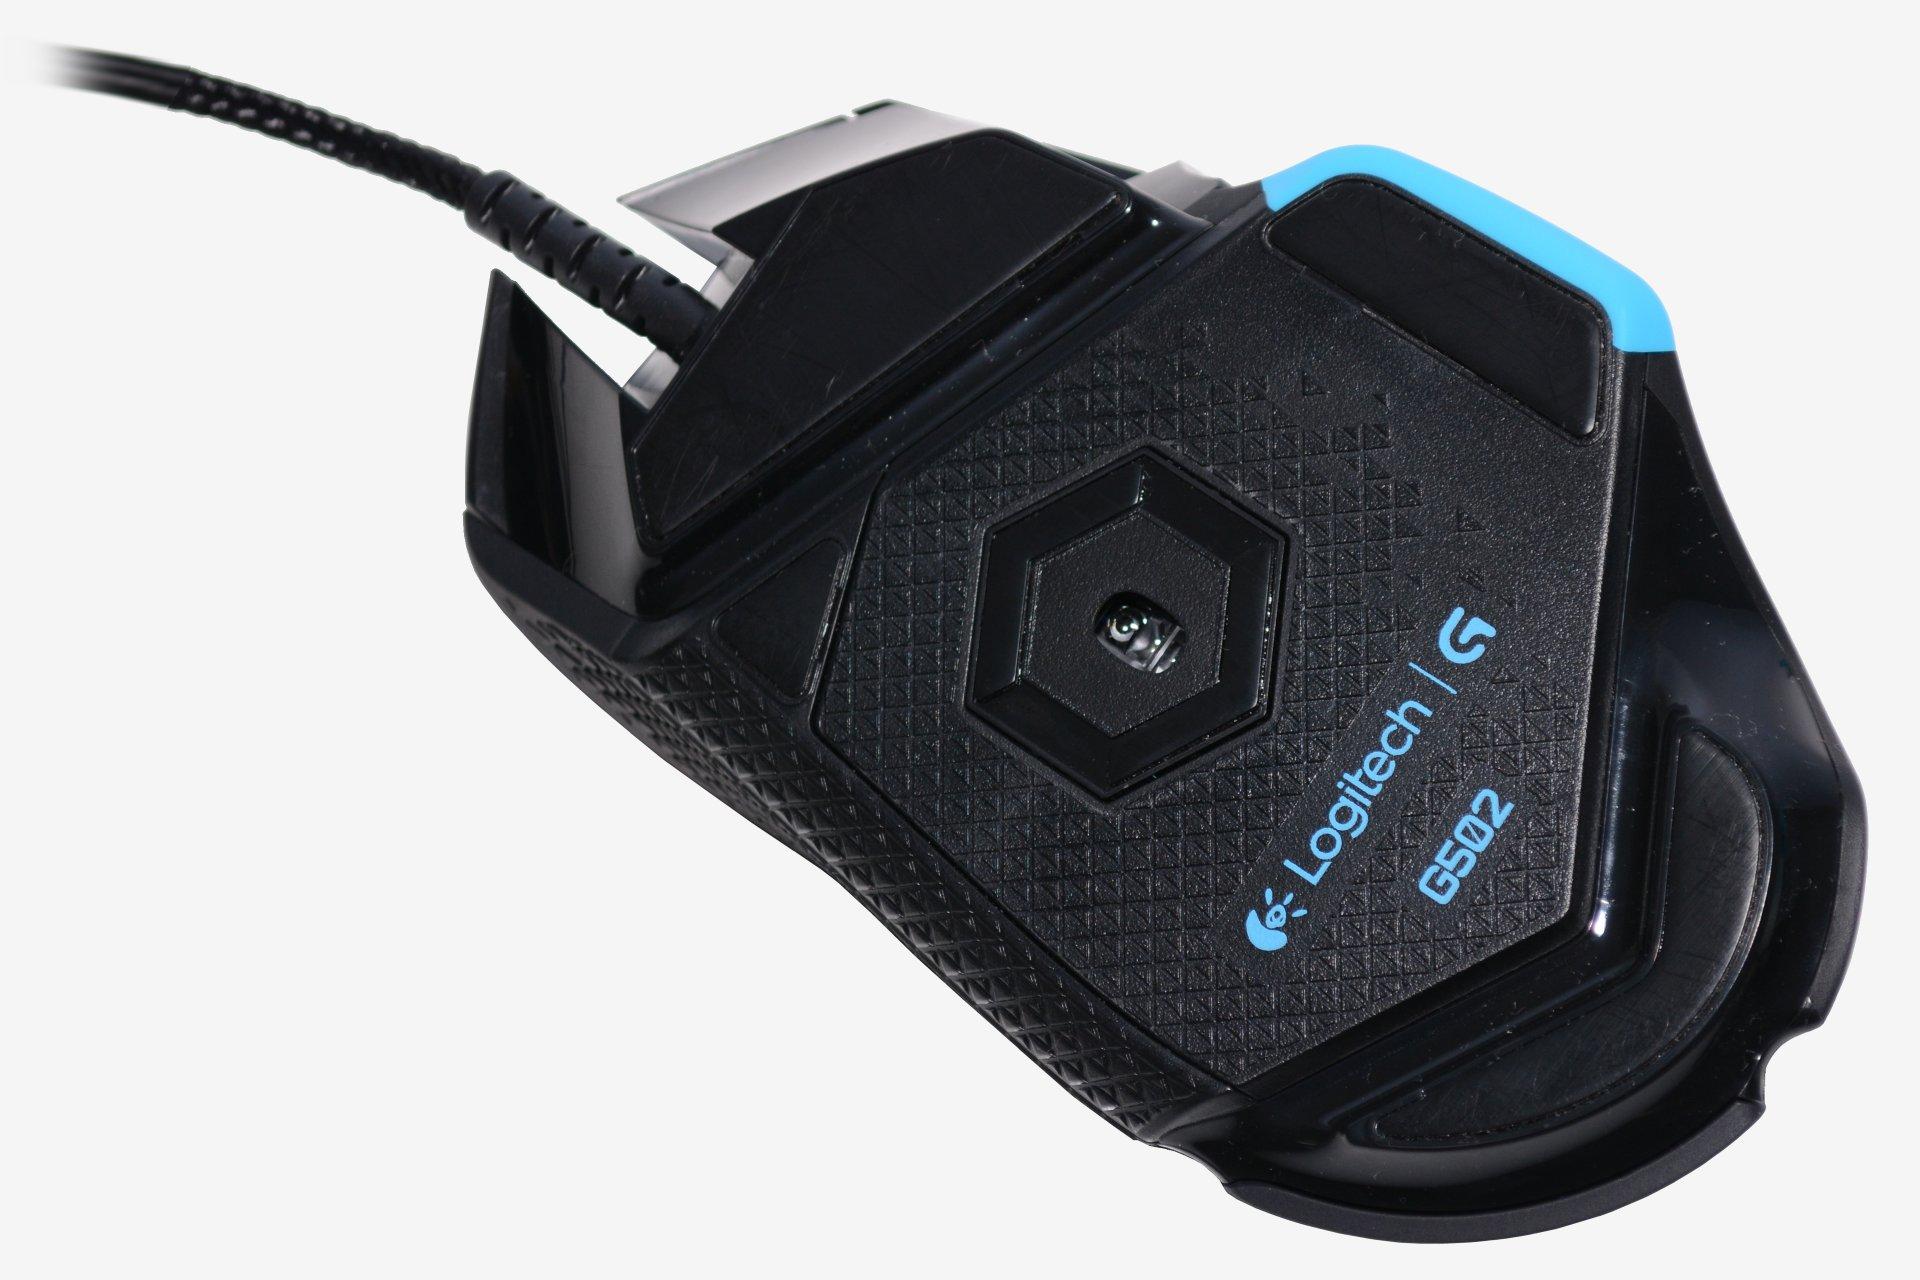 Logitech G502 Proteus Core Mouse Review